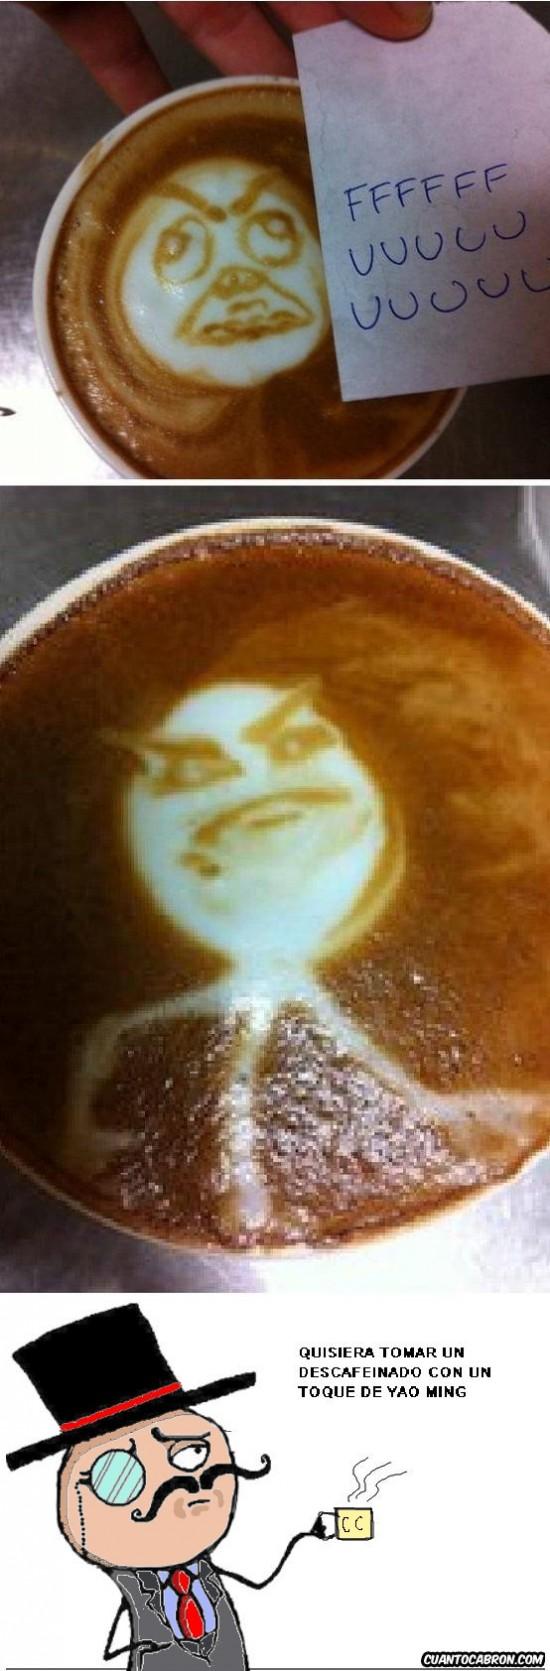 café,cafetería,feel like a sir,ffuu,fuck yeah,yao ming